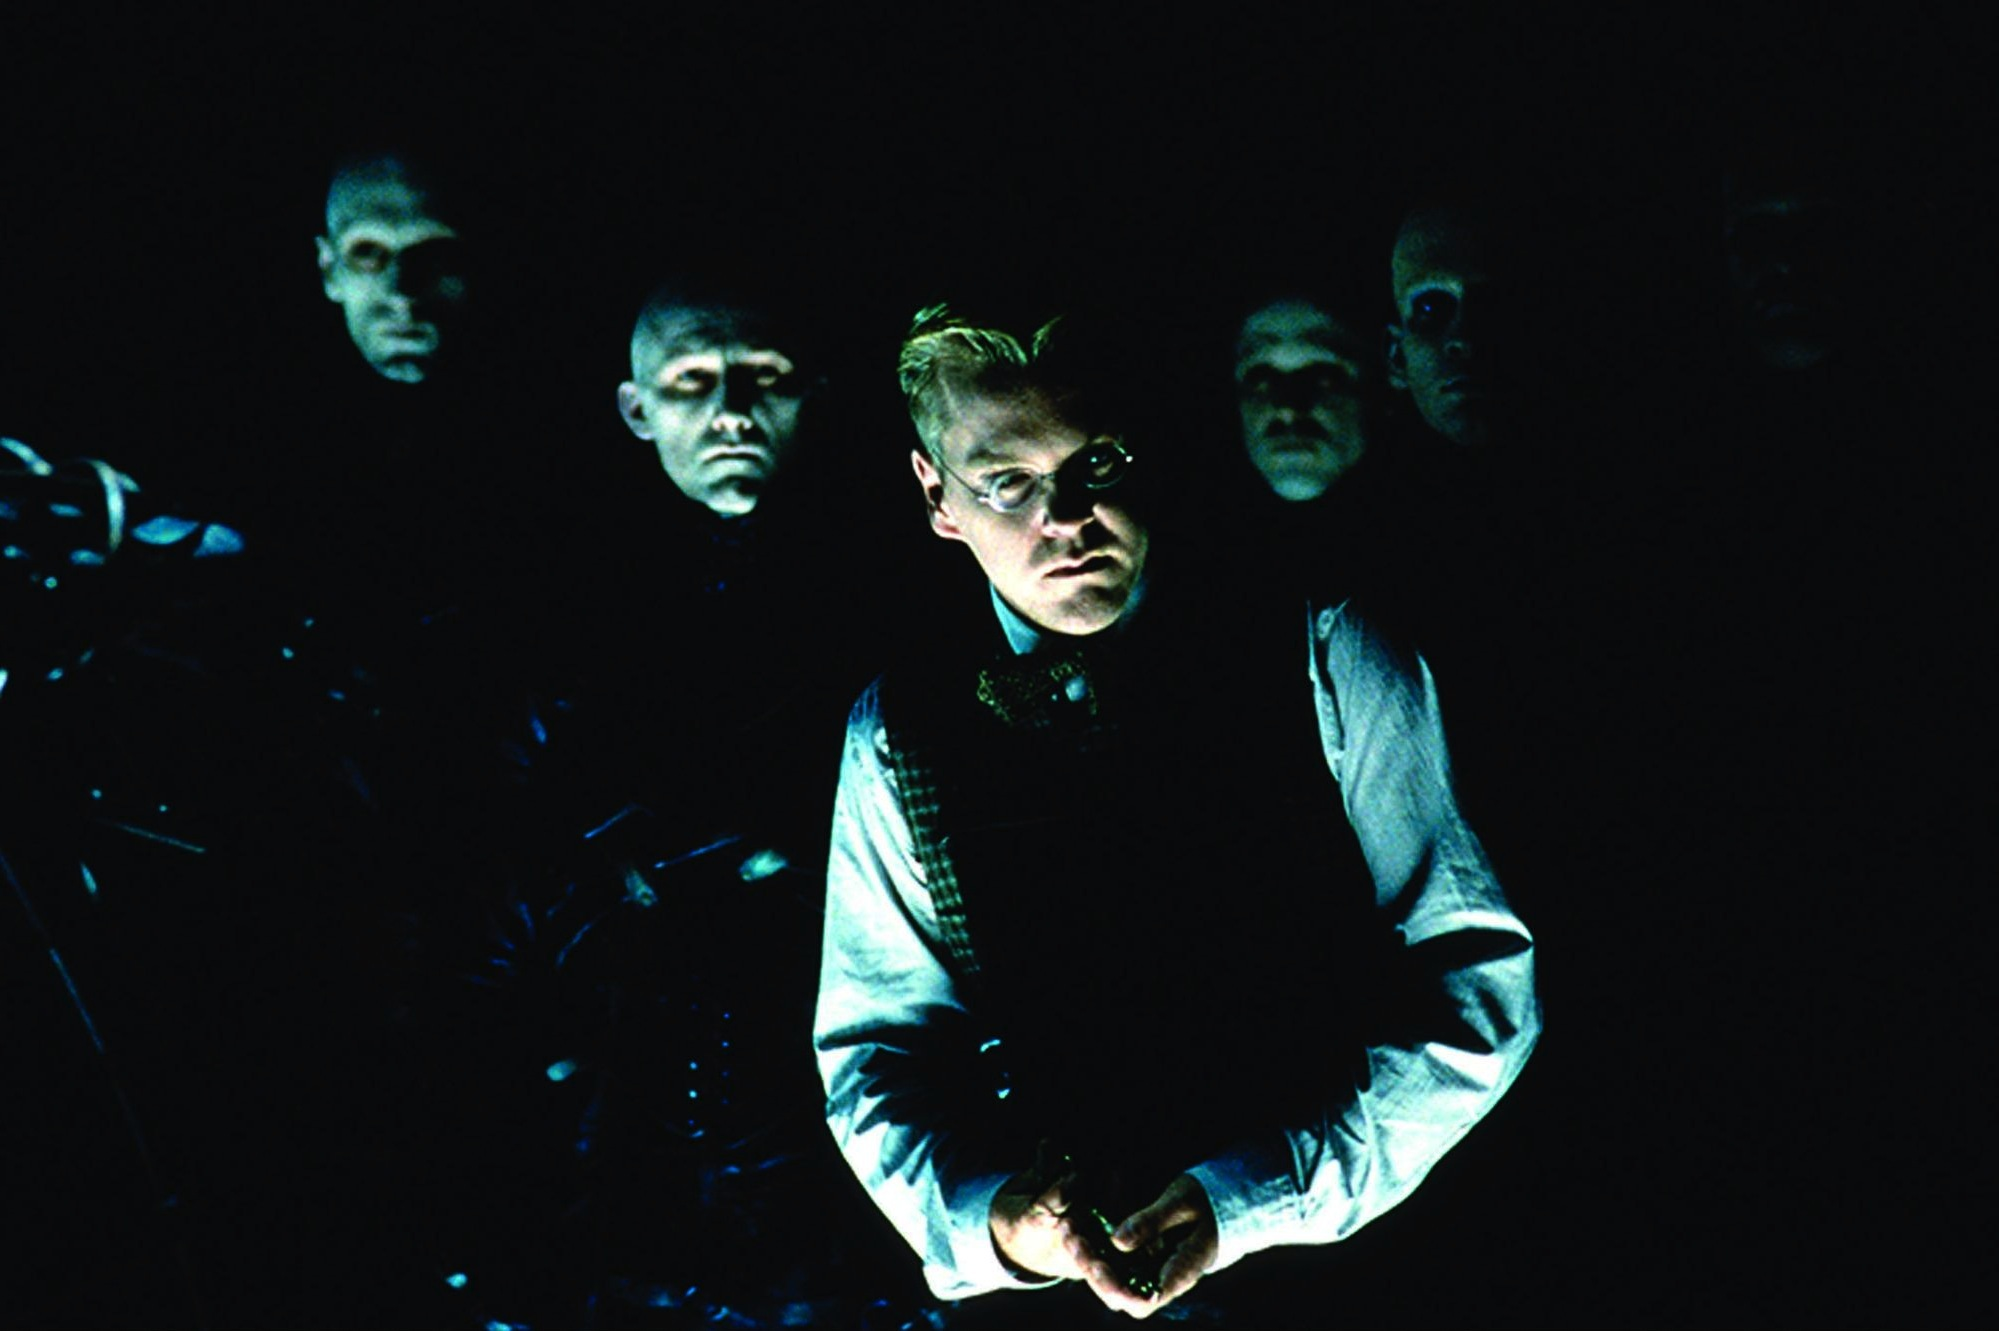 Kiefer Sutherland in Dark City (1998)